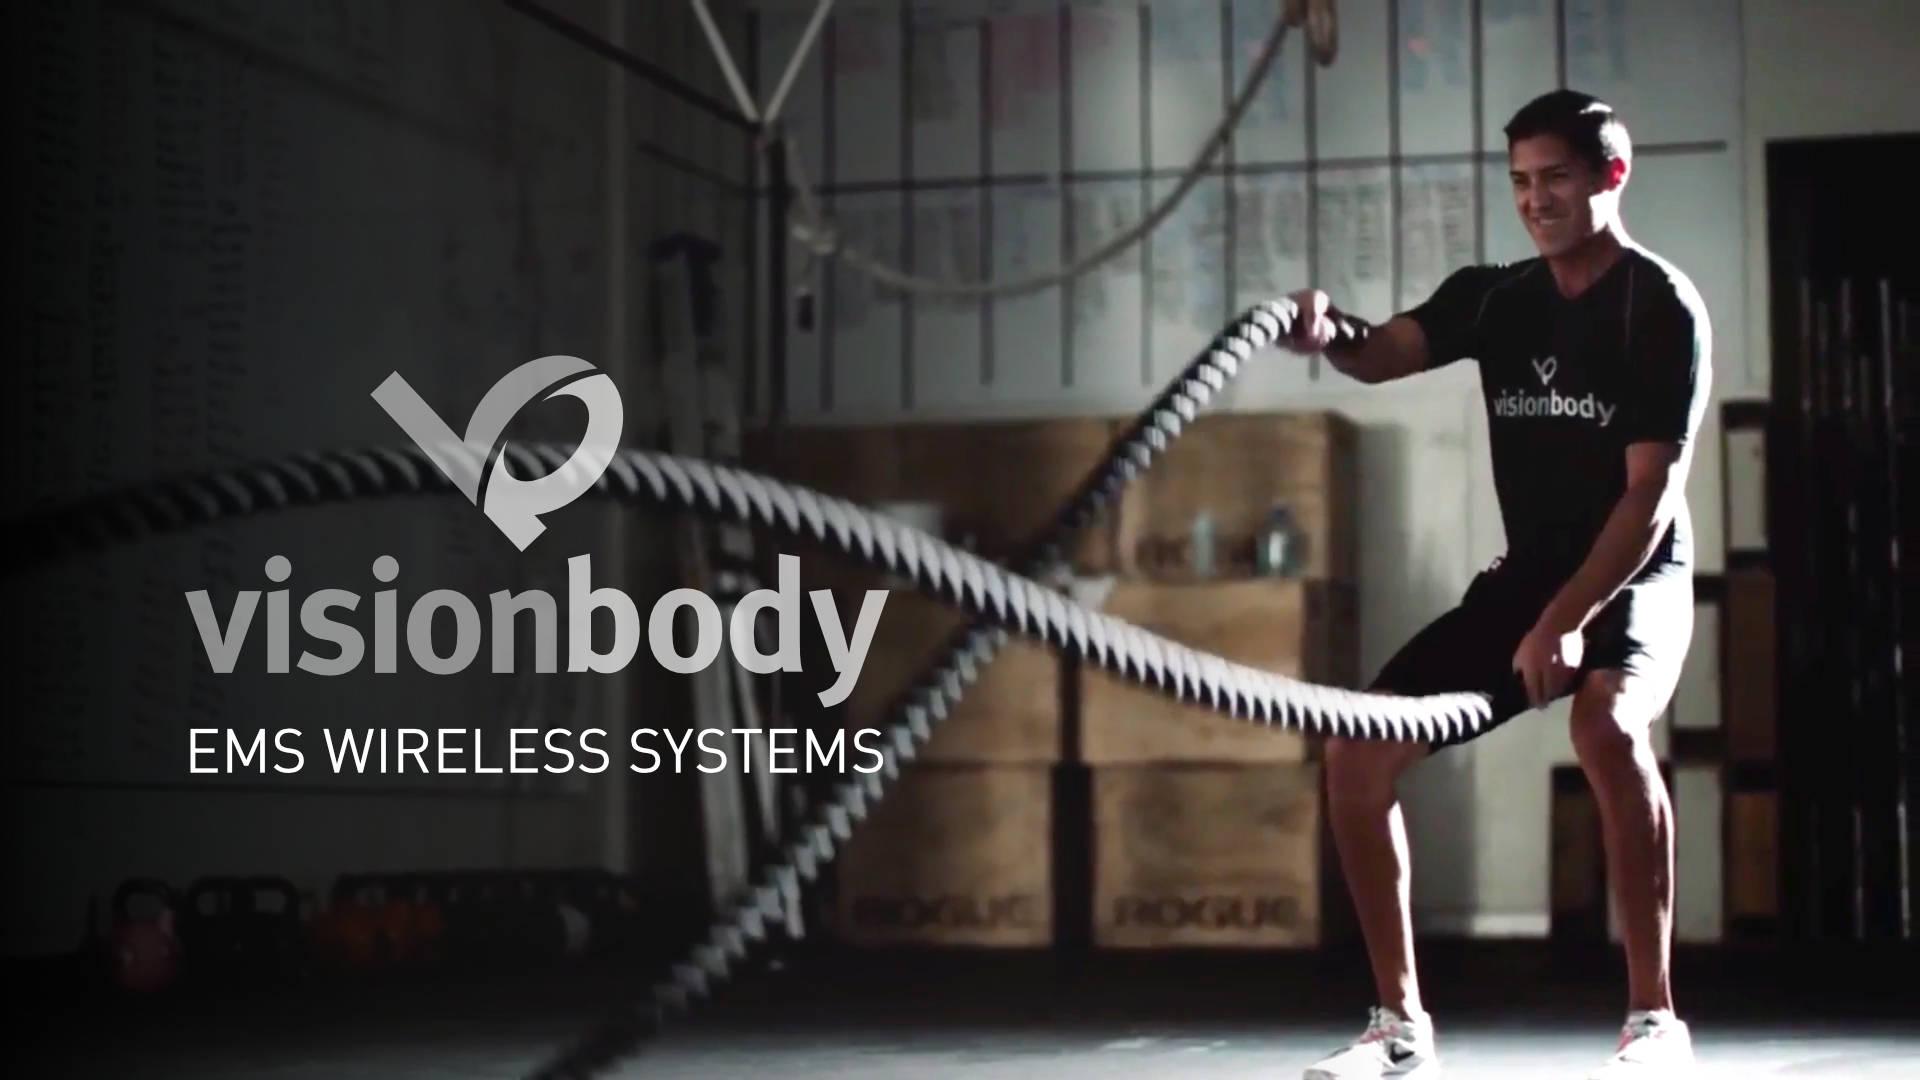 +10 Extreme Gym en Santiago: traje seco VisionBody Powersuit,la mejor tecnología en electroestimulación muscular (EMS) en La Dehesa, Vitacura y Las Condes.